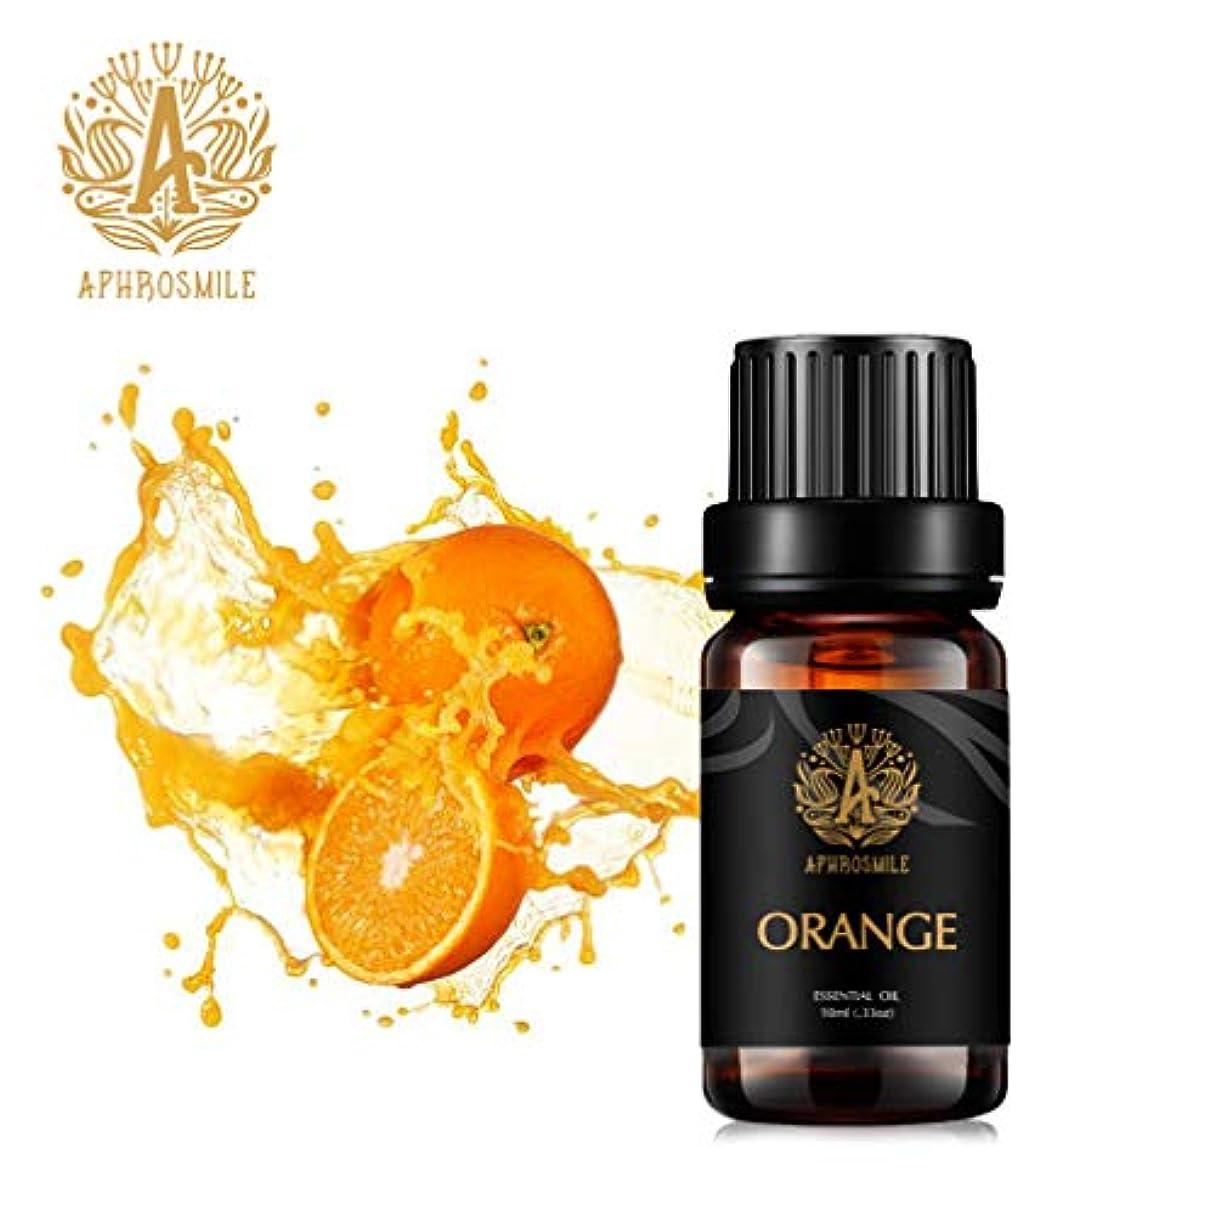 マイクロプロセッサ概要貸すオレンジエッセンシャルオイル、100%ピュアアロマエッセンシャルオイルオレンジ香り、怒りを和らげる、治療用グレードエッセンシャルオイルオレンジの香り、為にディフューザー、マッサージ、加湿器、デイリーケア、0.33オンス-...